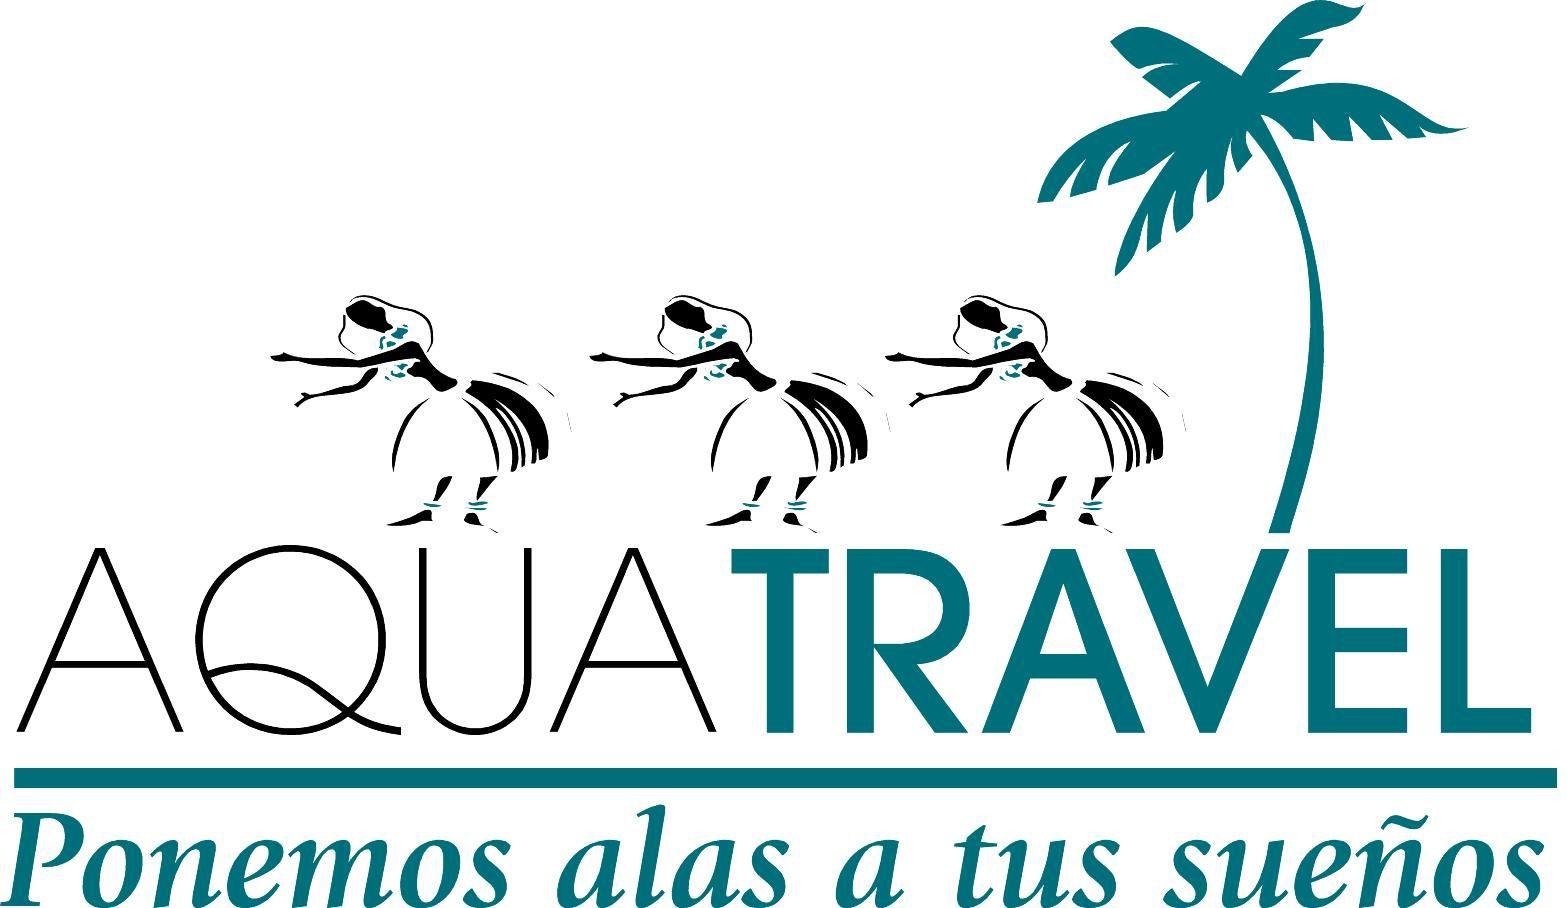 El logo de nuestra empresa